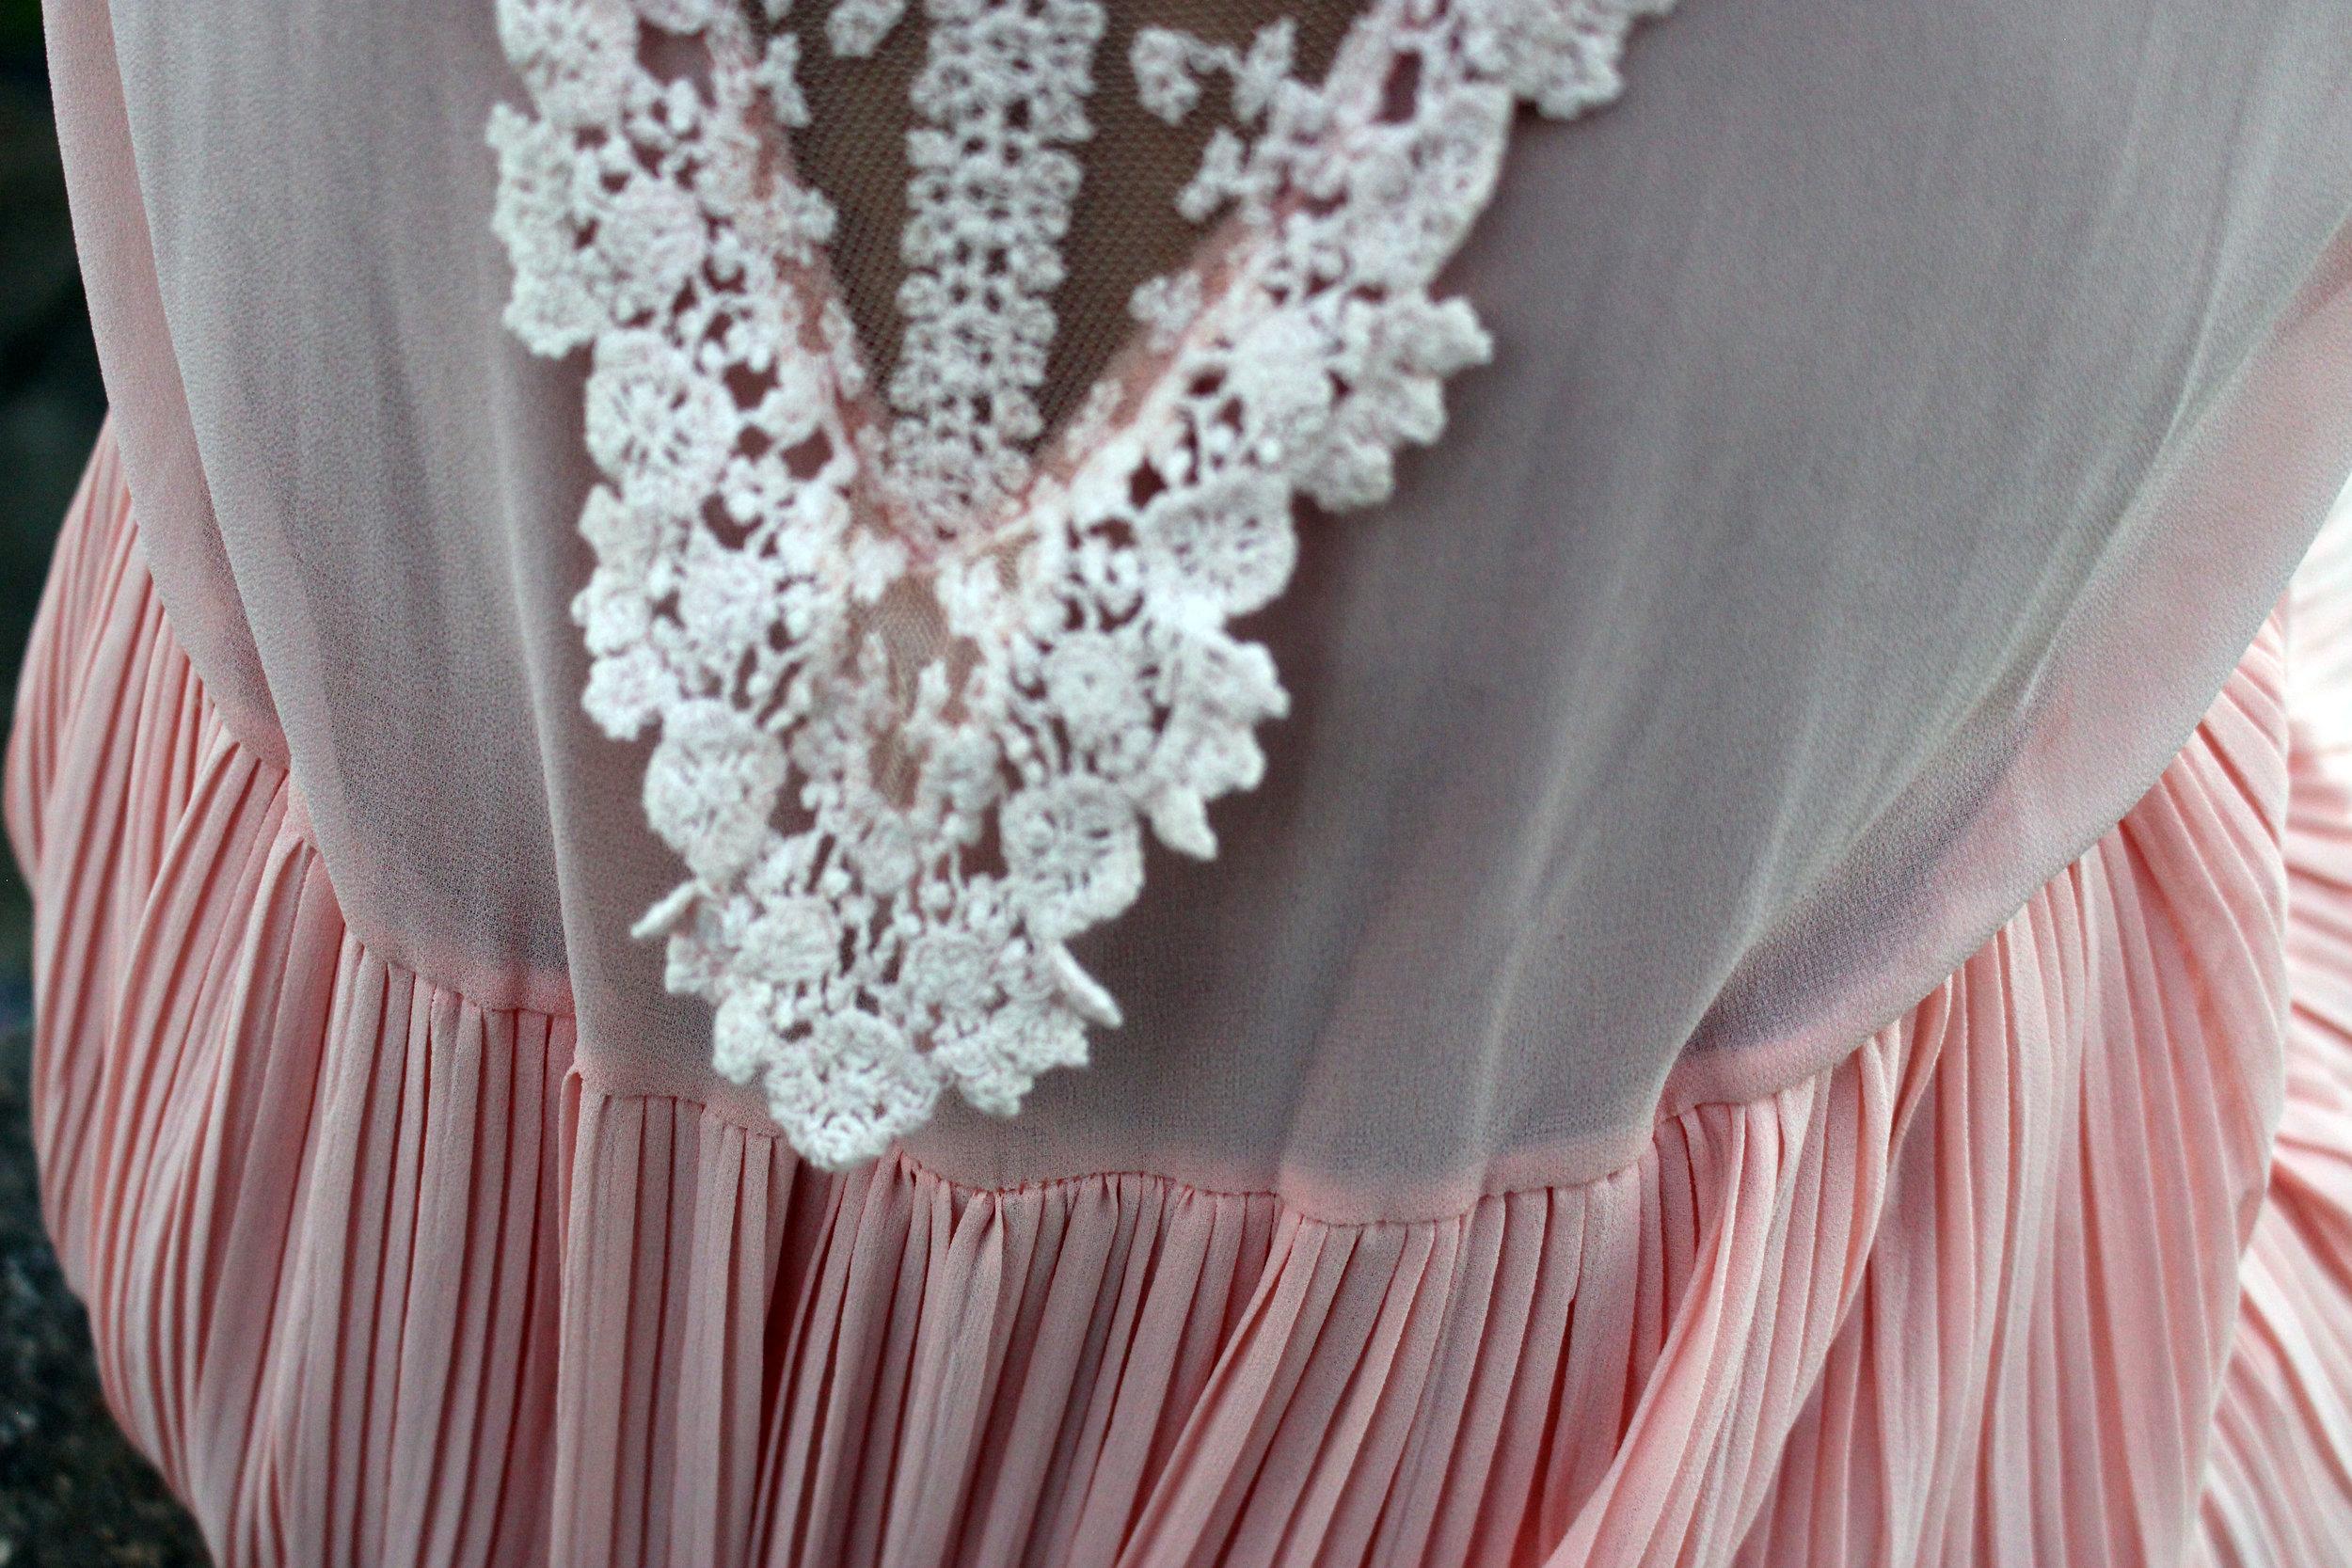 Blush dress lace detail